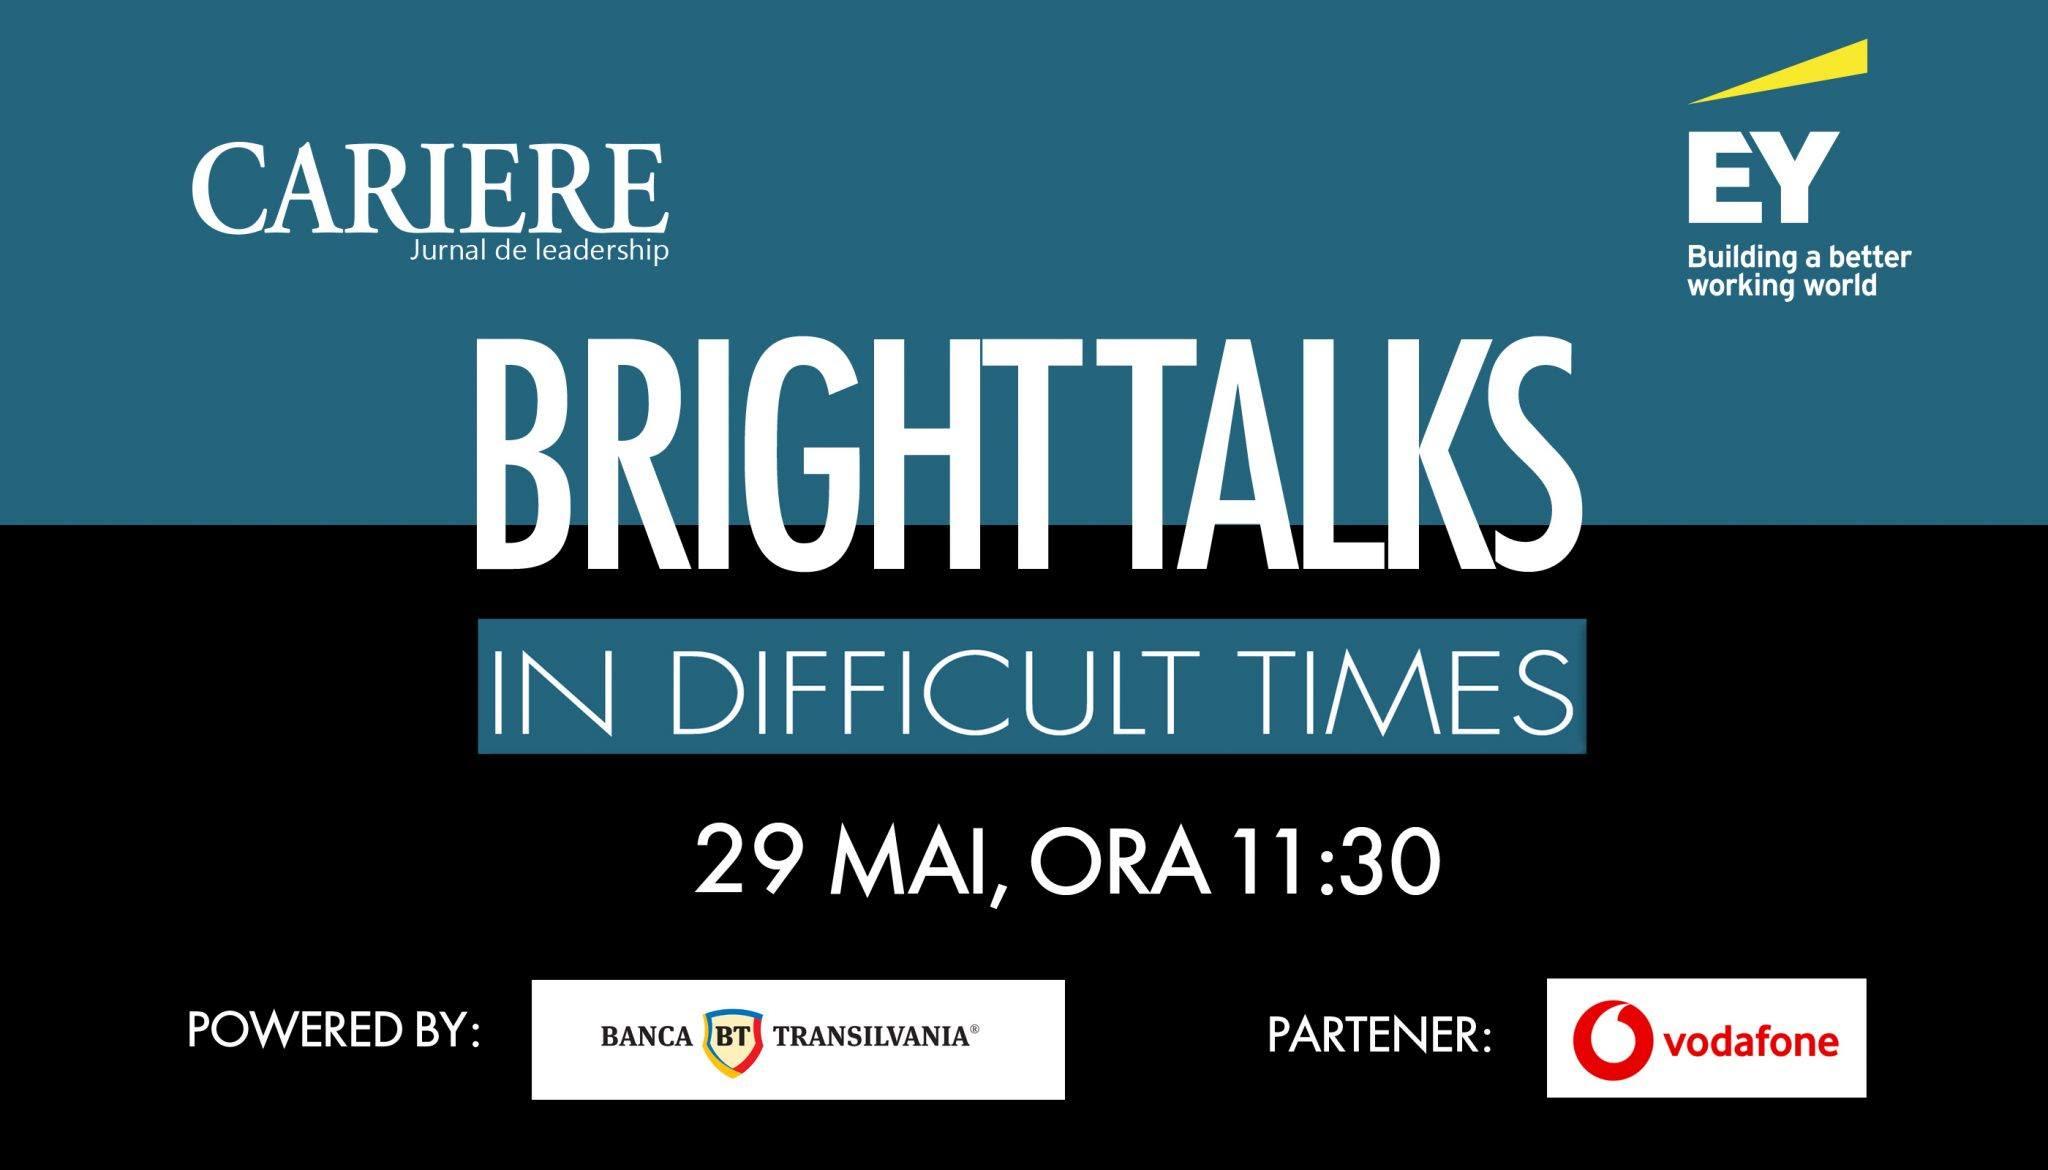 BrightTalks